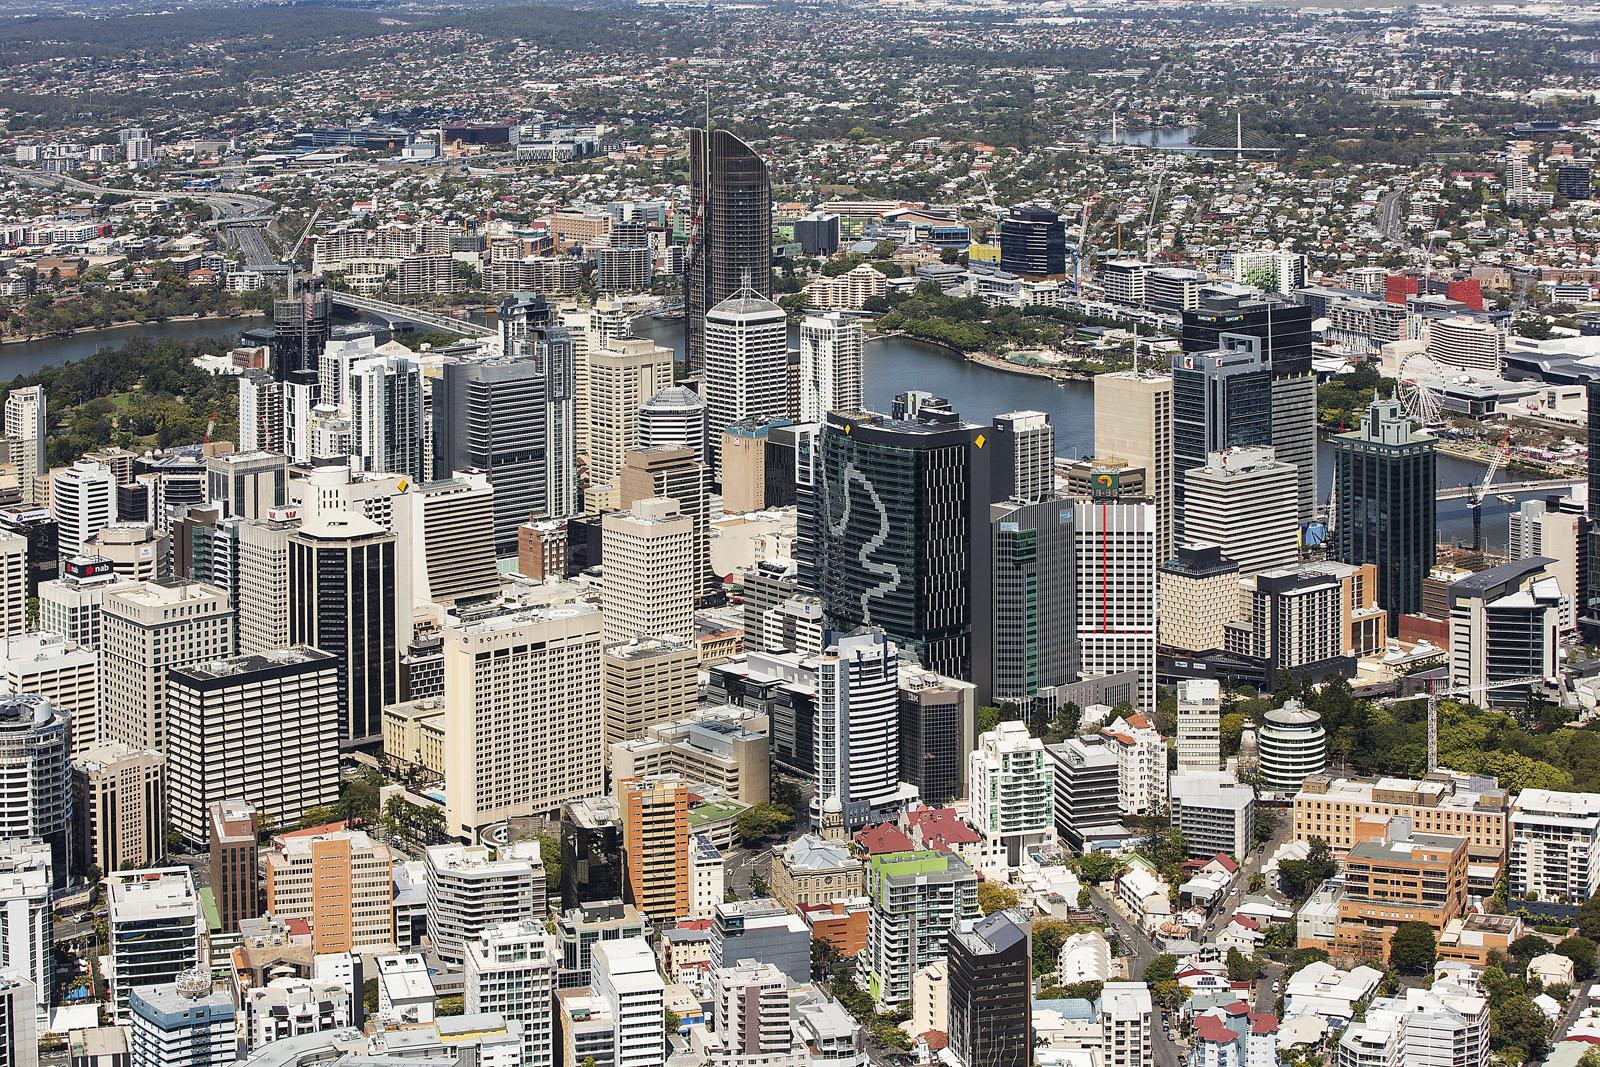 BrisbaneBuildings010.jpg